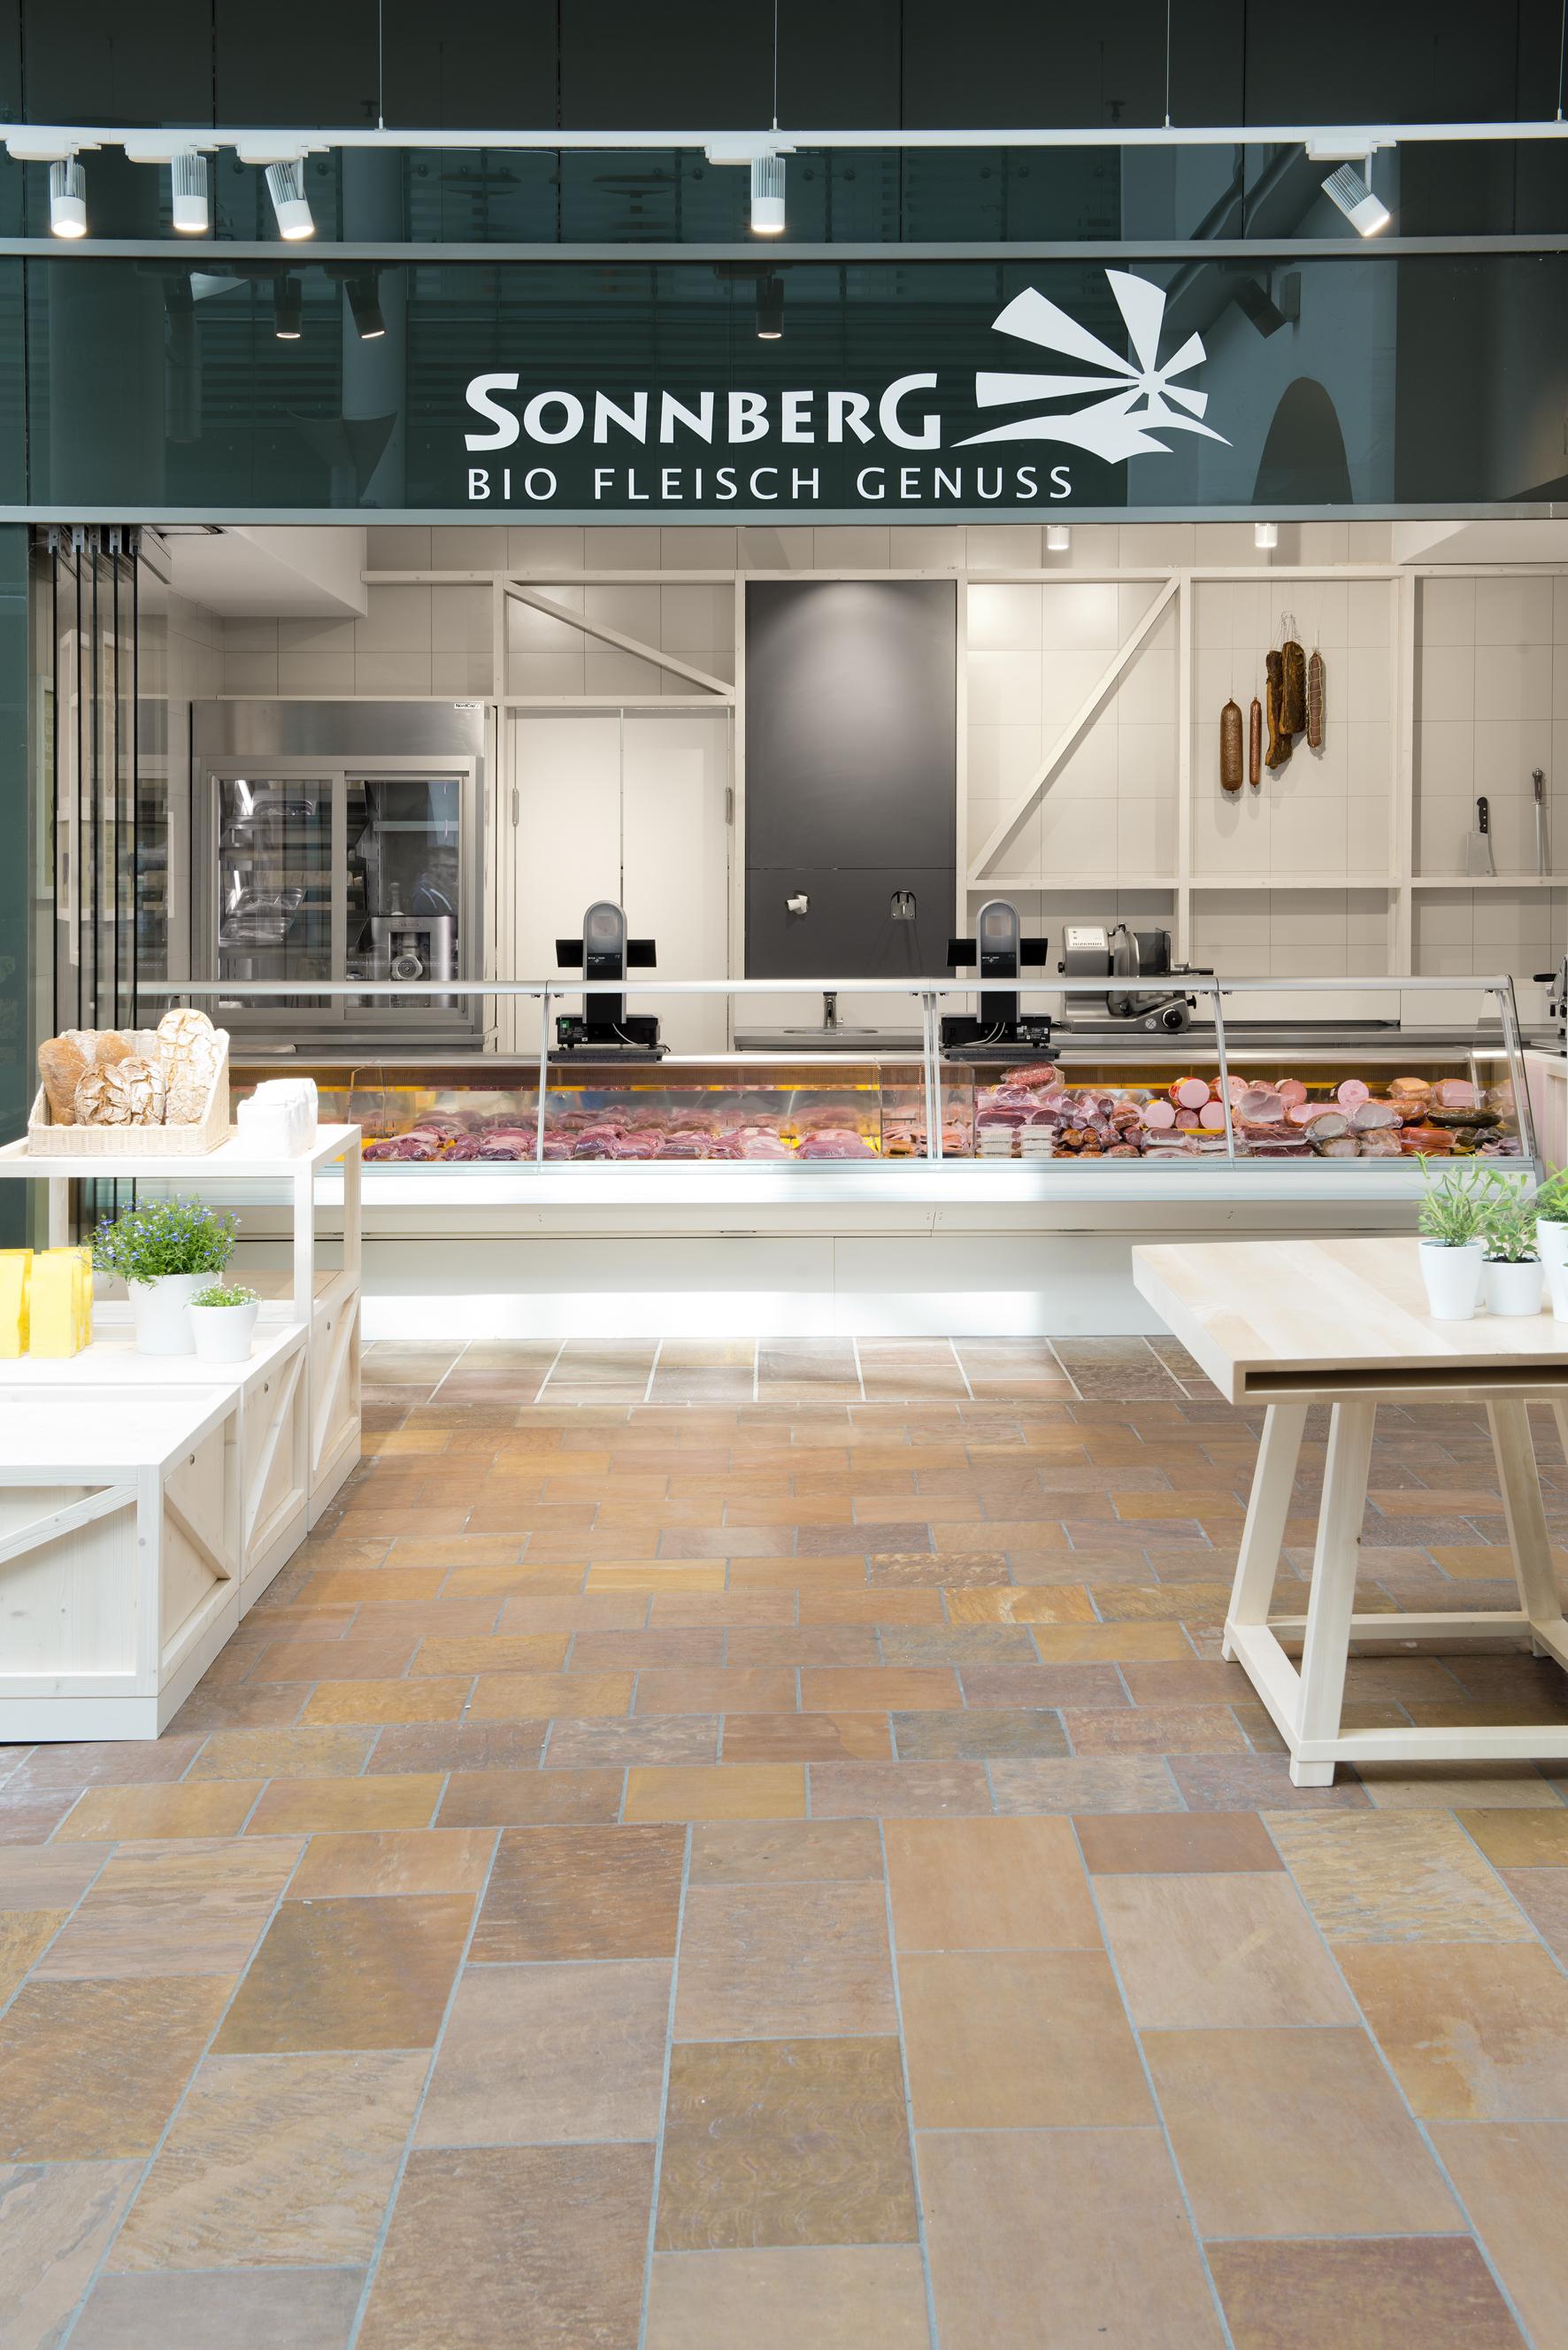 Sonnberg-March_Gut-7.jpg